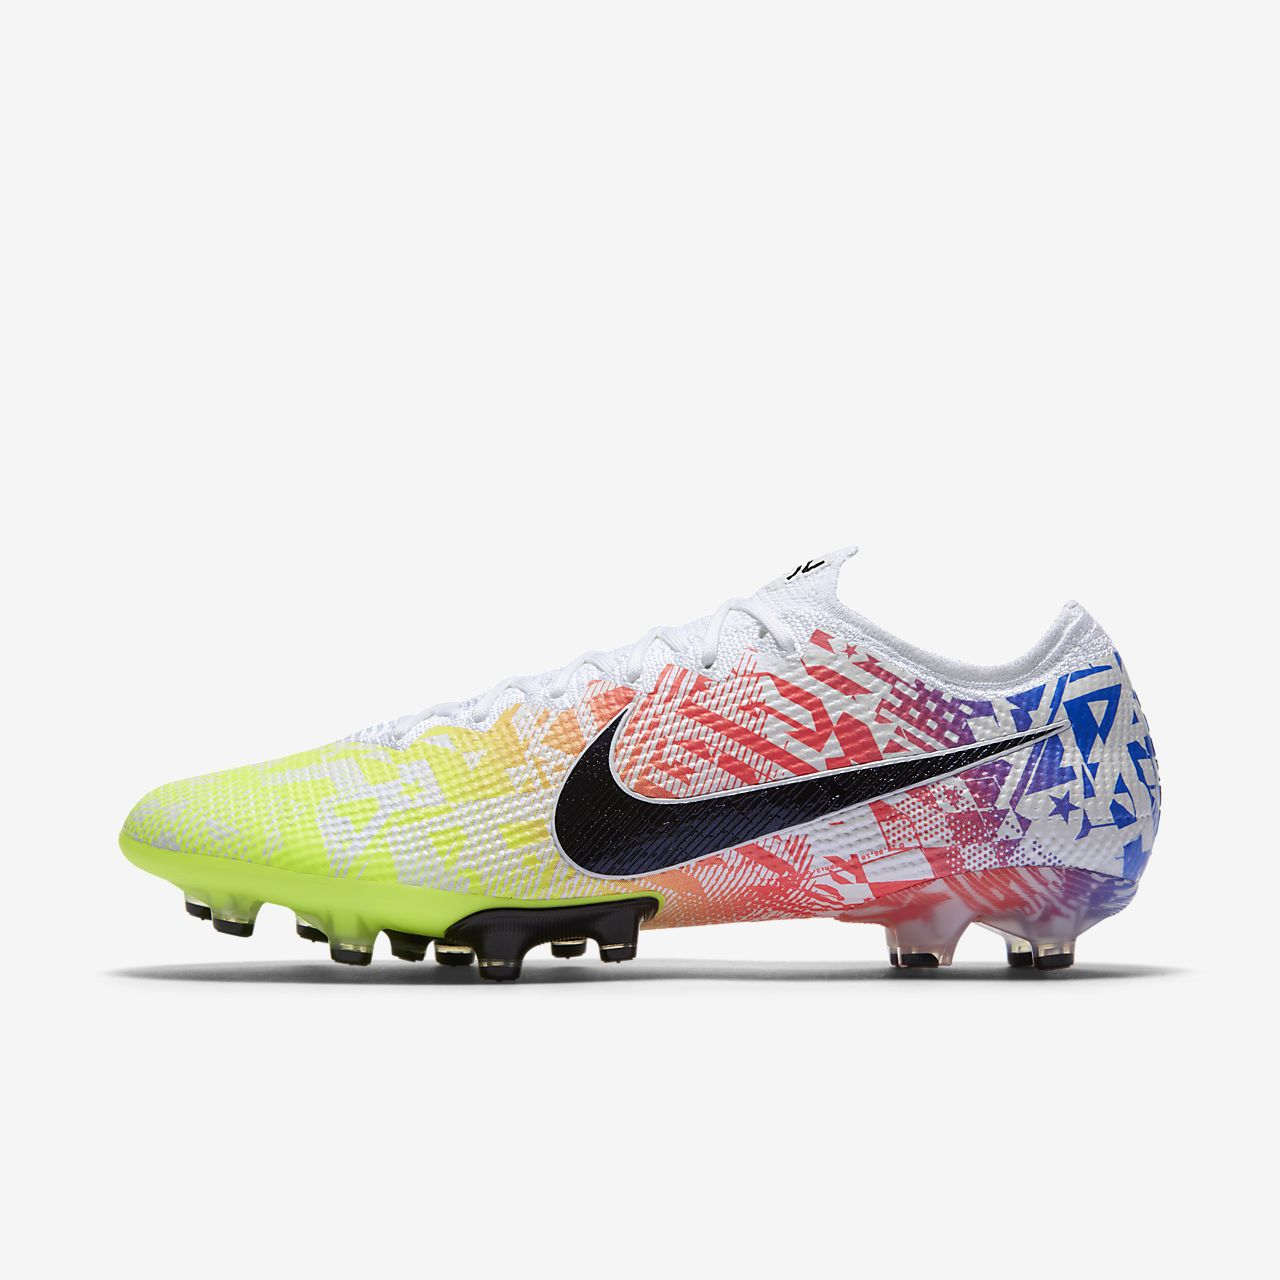 Nike Vapor 13 Elite NJR AG-PRO男/女人造草地足球鞋